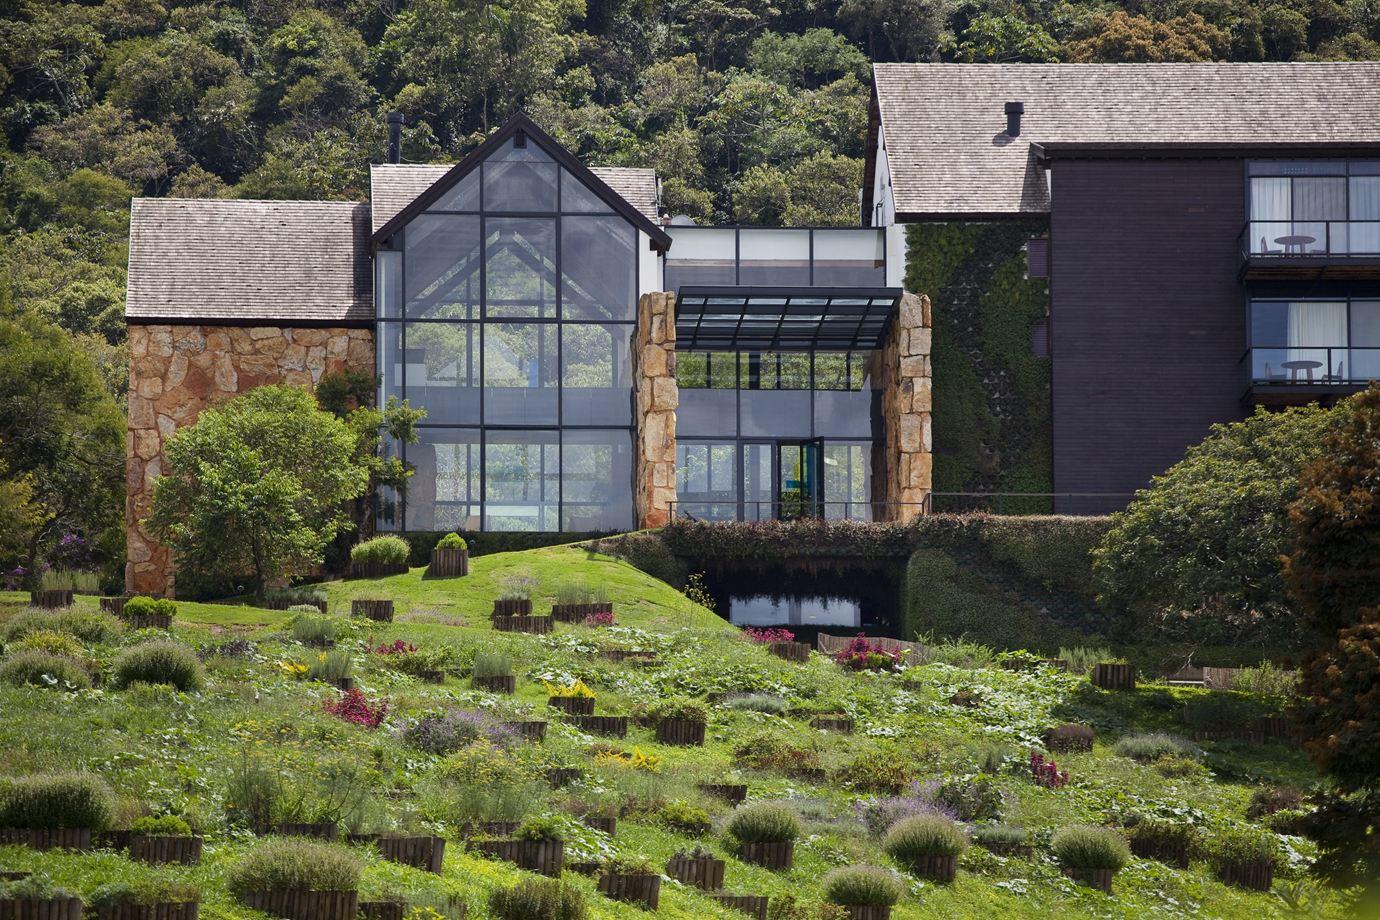 Остекленные фасады домов выглядят очень современно.